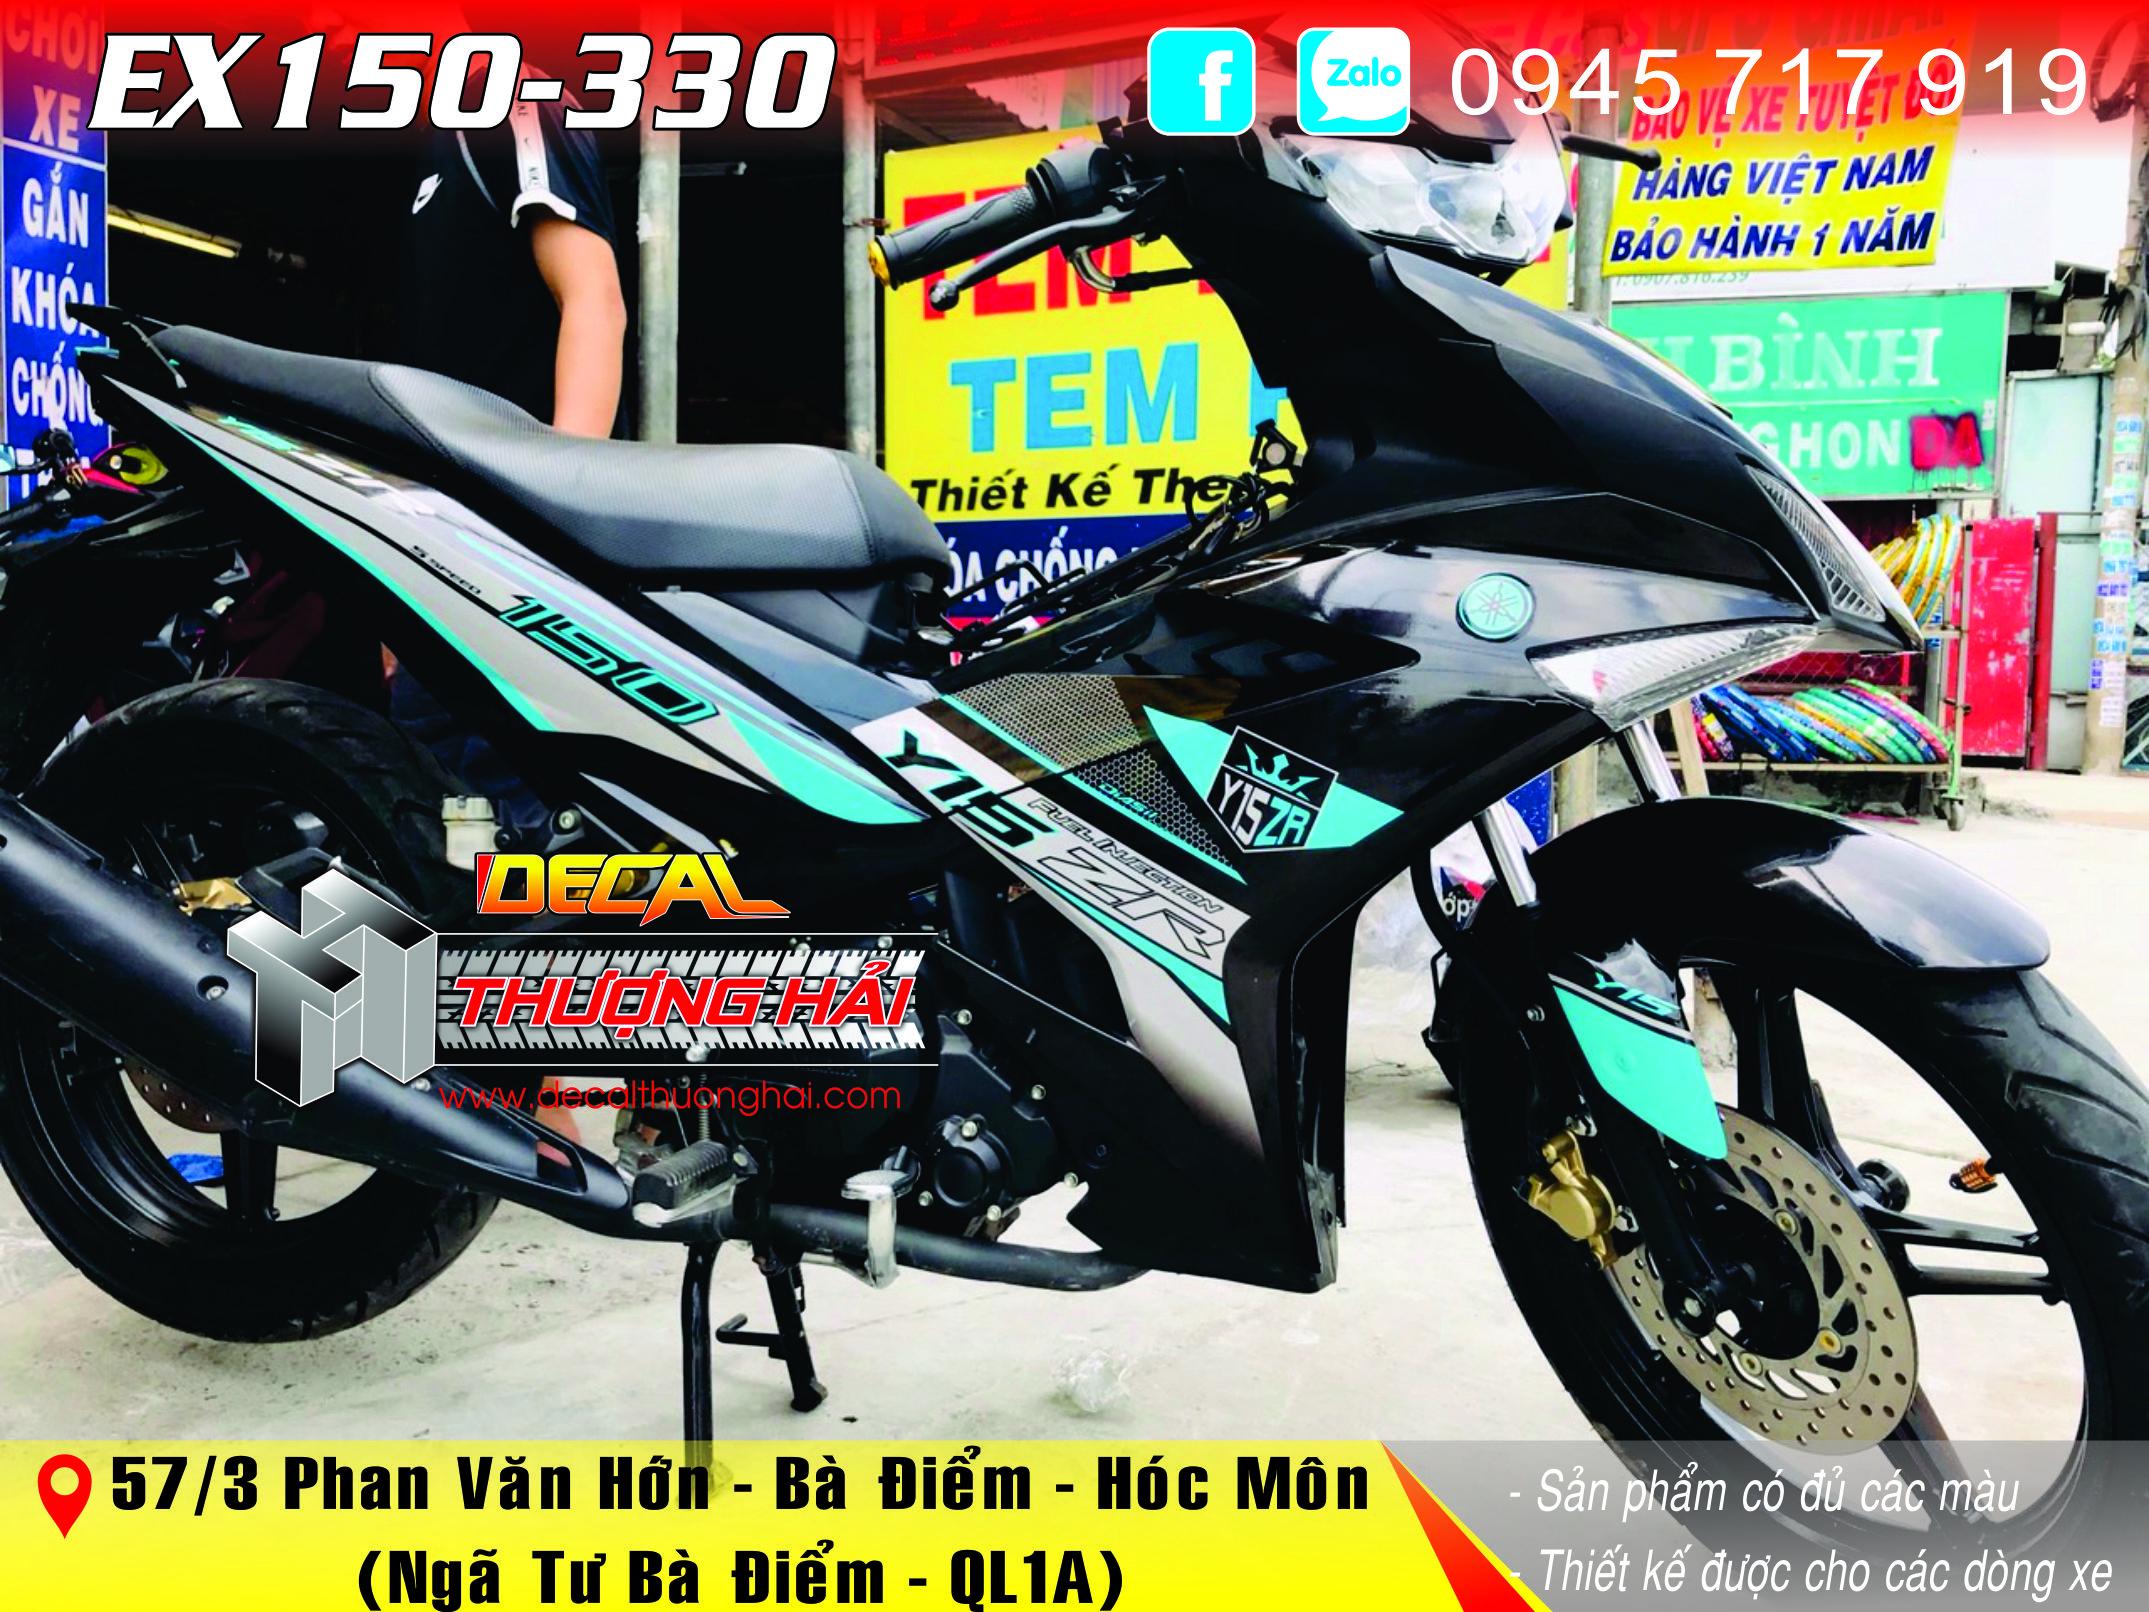 Tem Trùm Exciter 150 Y15 ZR - 330